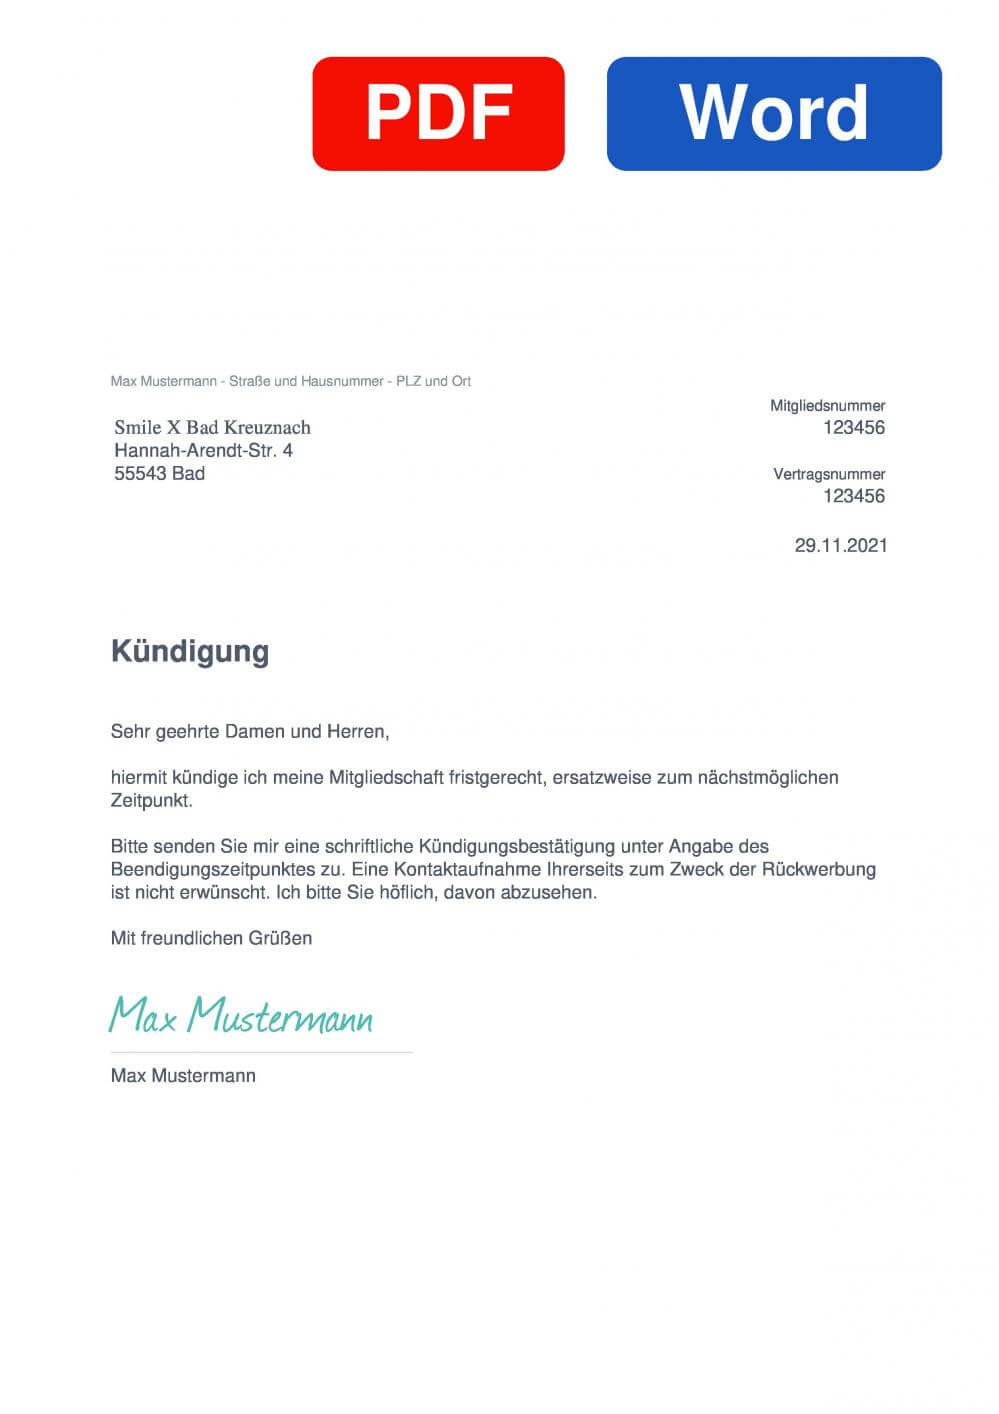 smile X Fitnessstudio Bad Kreuznach Muster Vorlage für Kündigungsschreiben